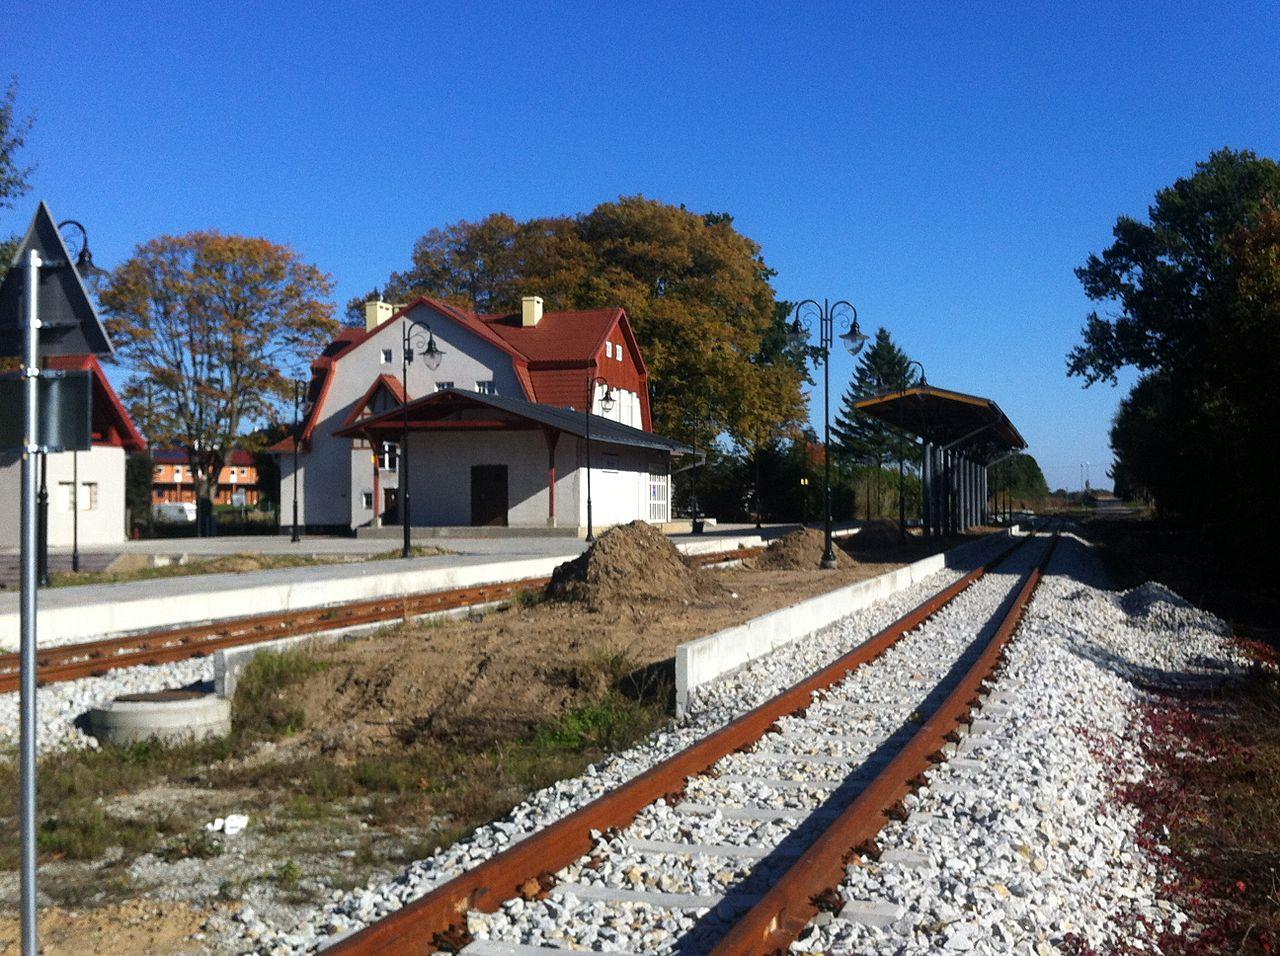 Der Bahnhof Rewal während der Instandsetzung der Bahn2013 (Bild A. Fiedler / Wikipedia)